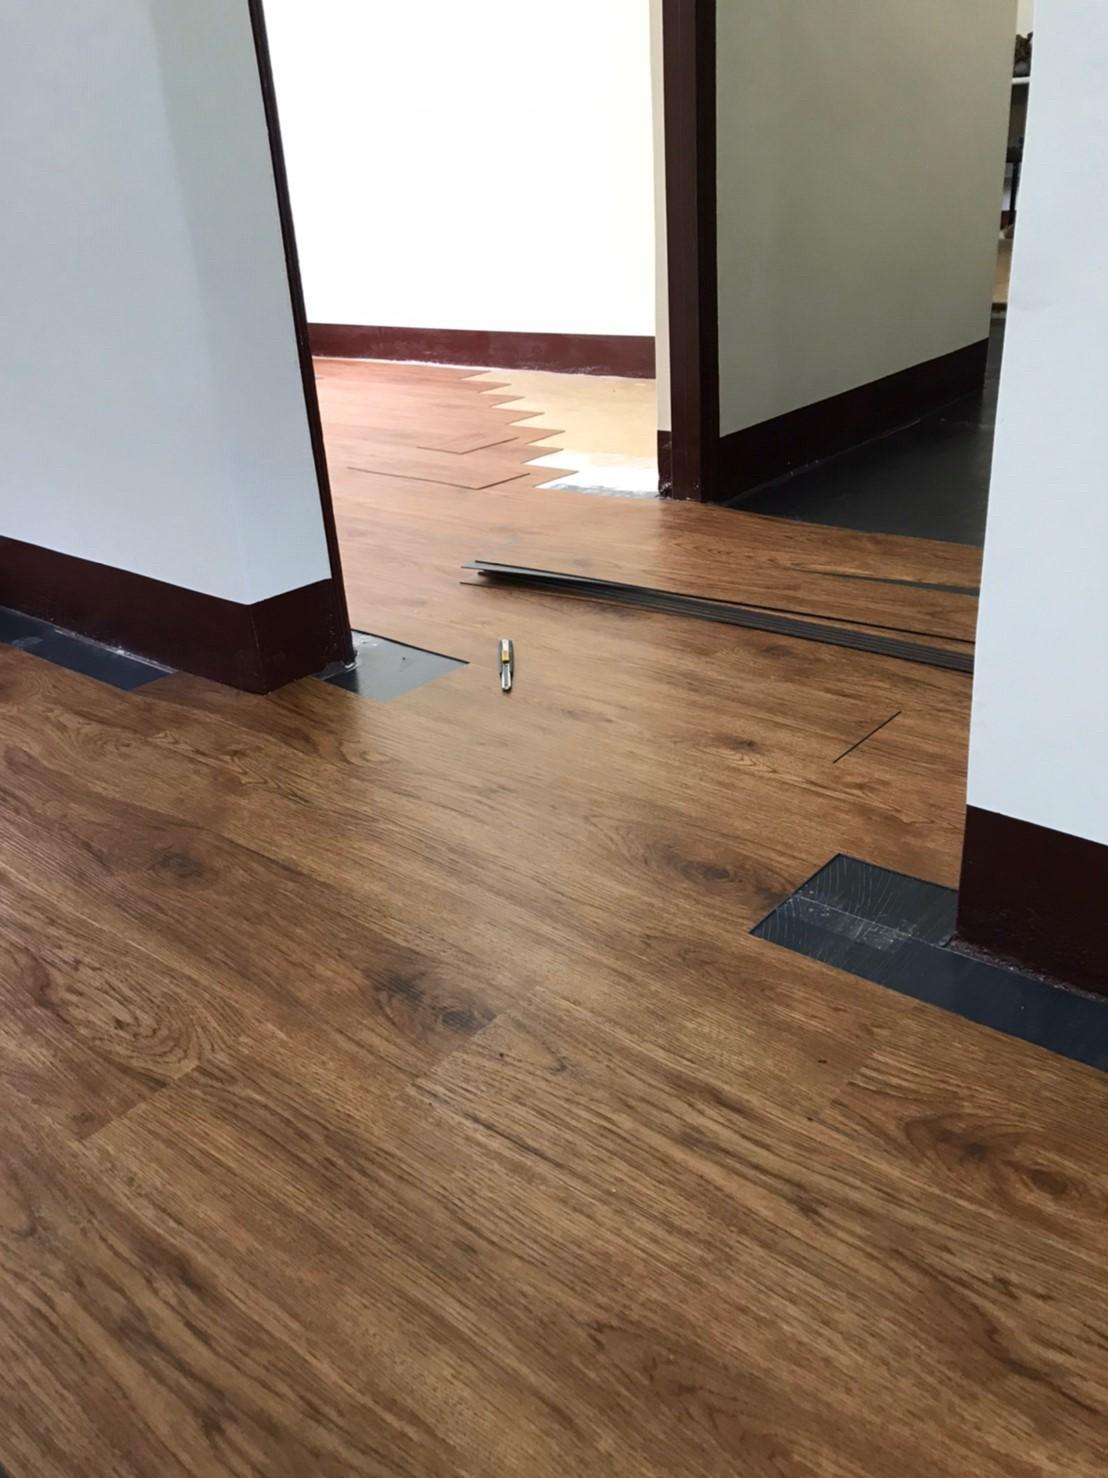 塑膠地板.窗簾壁紙工程⋯成品完工照-巧屋空間設計裝修,新店塑膠地板,新店窗簾,新店貼壁紙 (4)